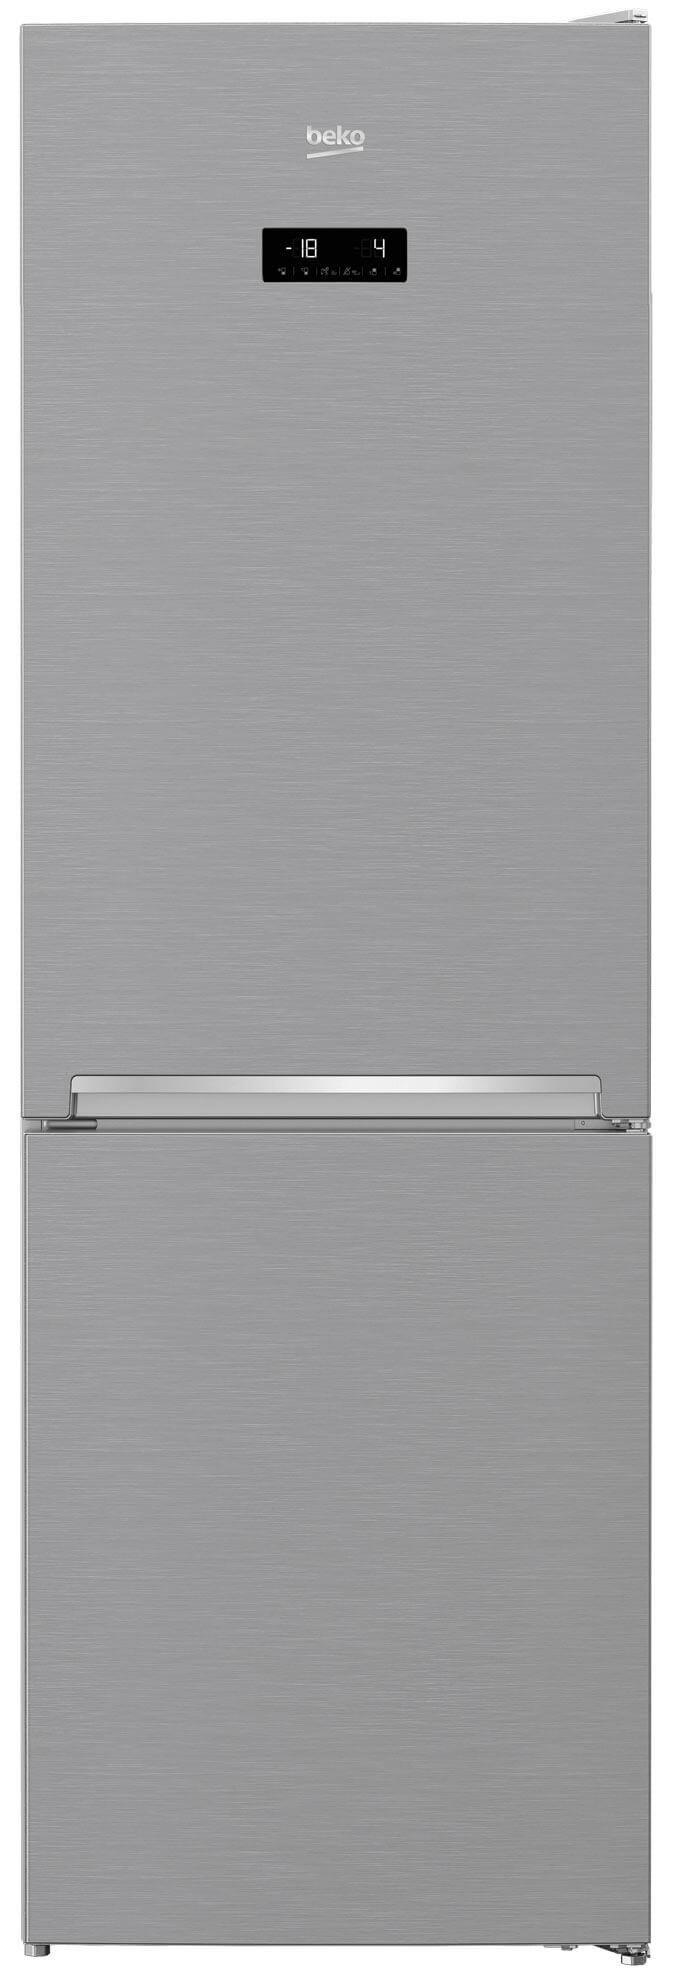 Combina frigorifica Beko RCNA366E30ZXB